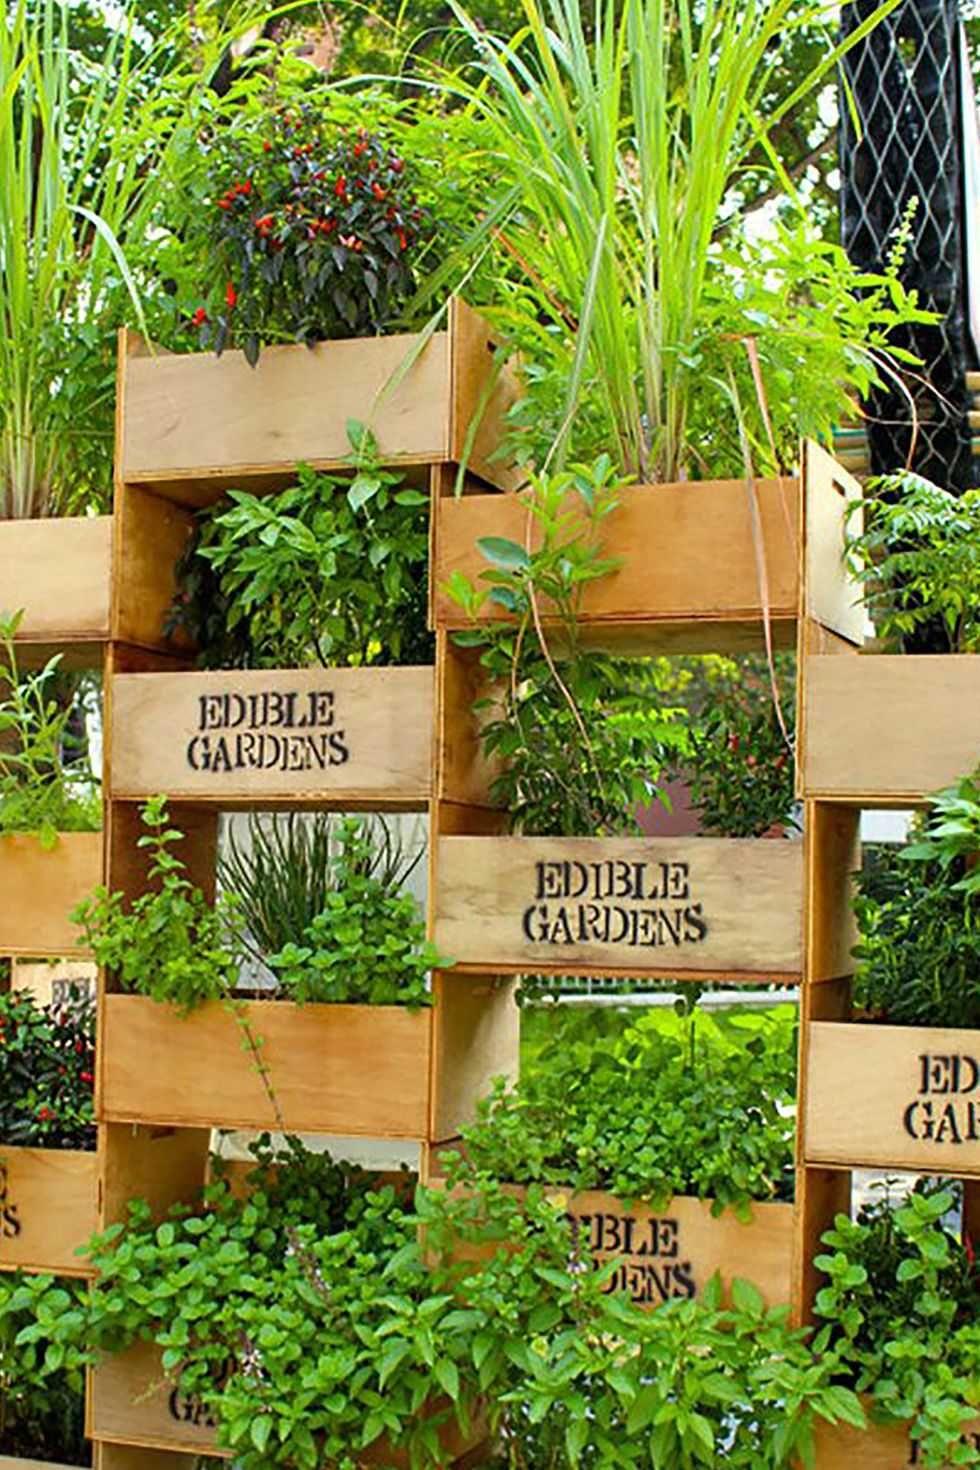 22 Awesome Diy Vertical Garden Ideas That Will Refresh Best Garden Design Best Garden Ide In 2020 Vertical Herb Garden Vegetable Garden Design Vertical Garden Diy